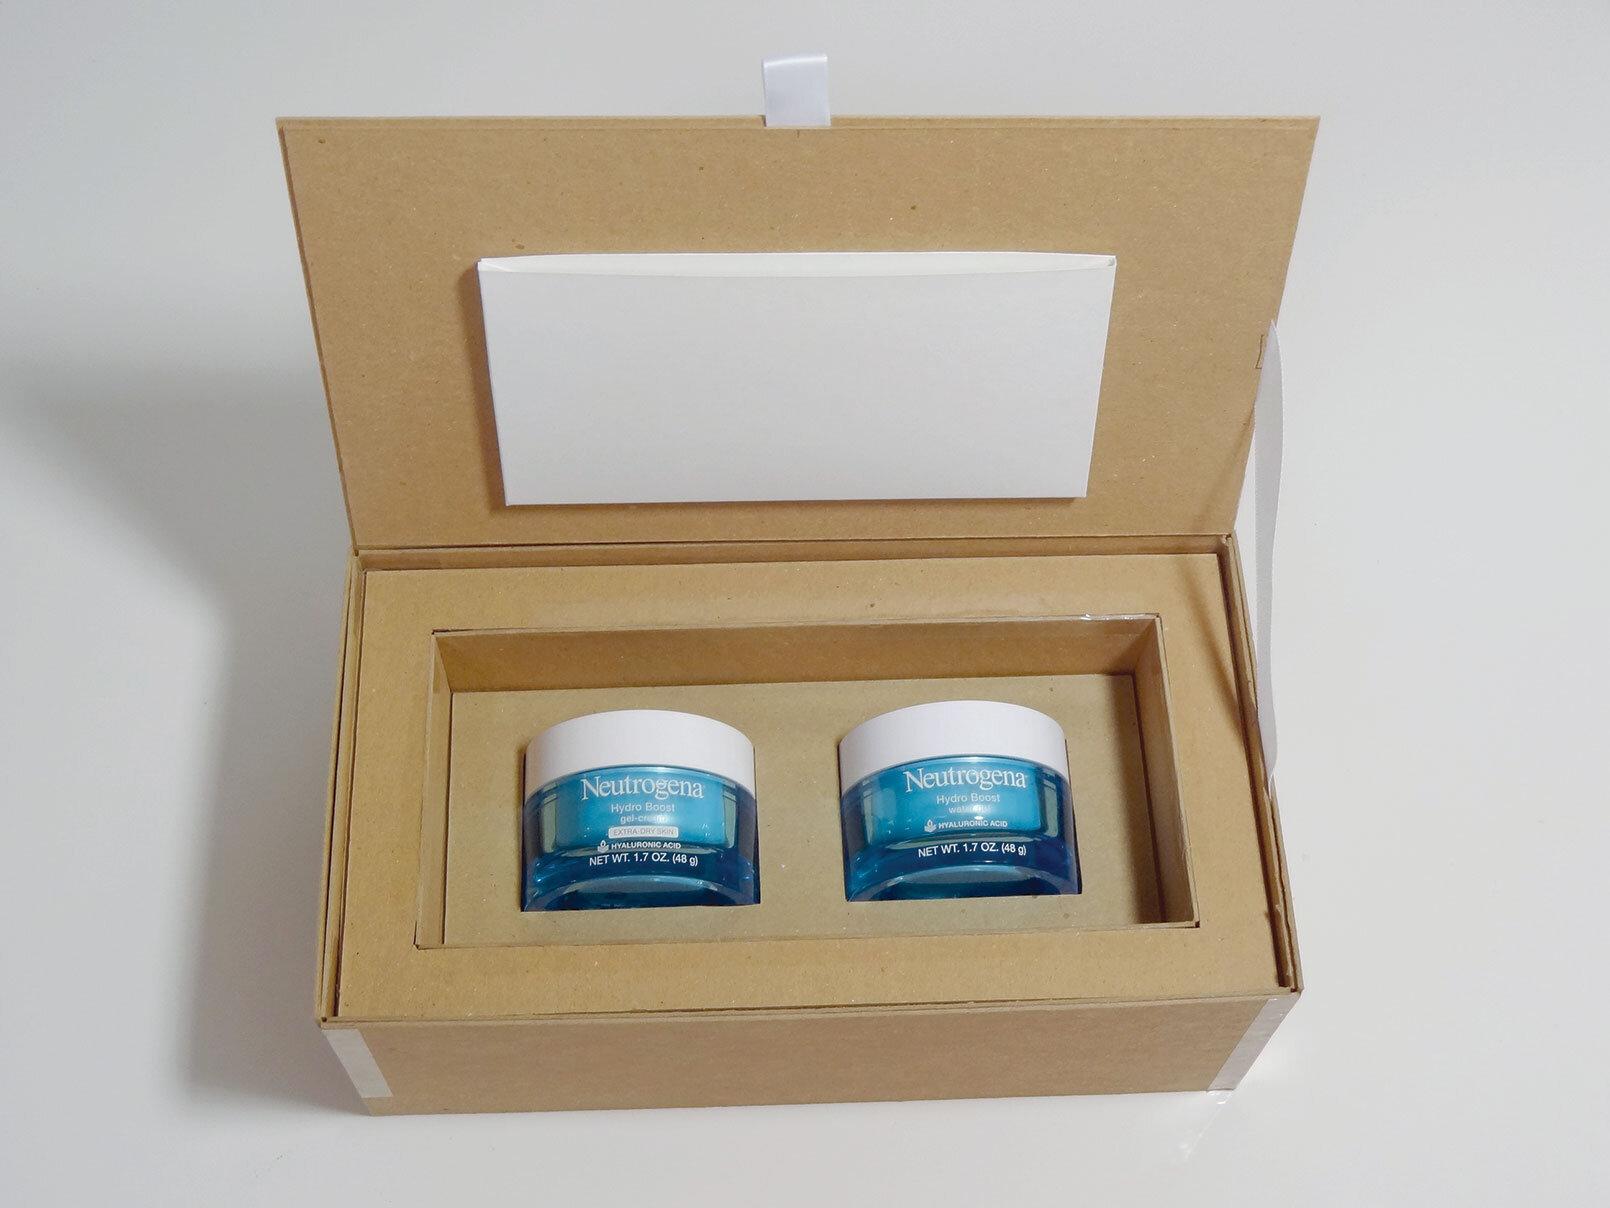 中毒液 - 水力 - 升压箱 - 化妆品包装公司 - 设计-5.jpg